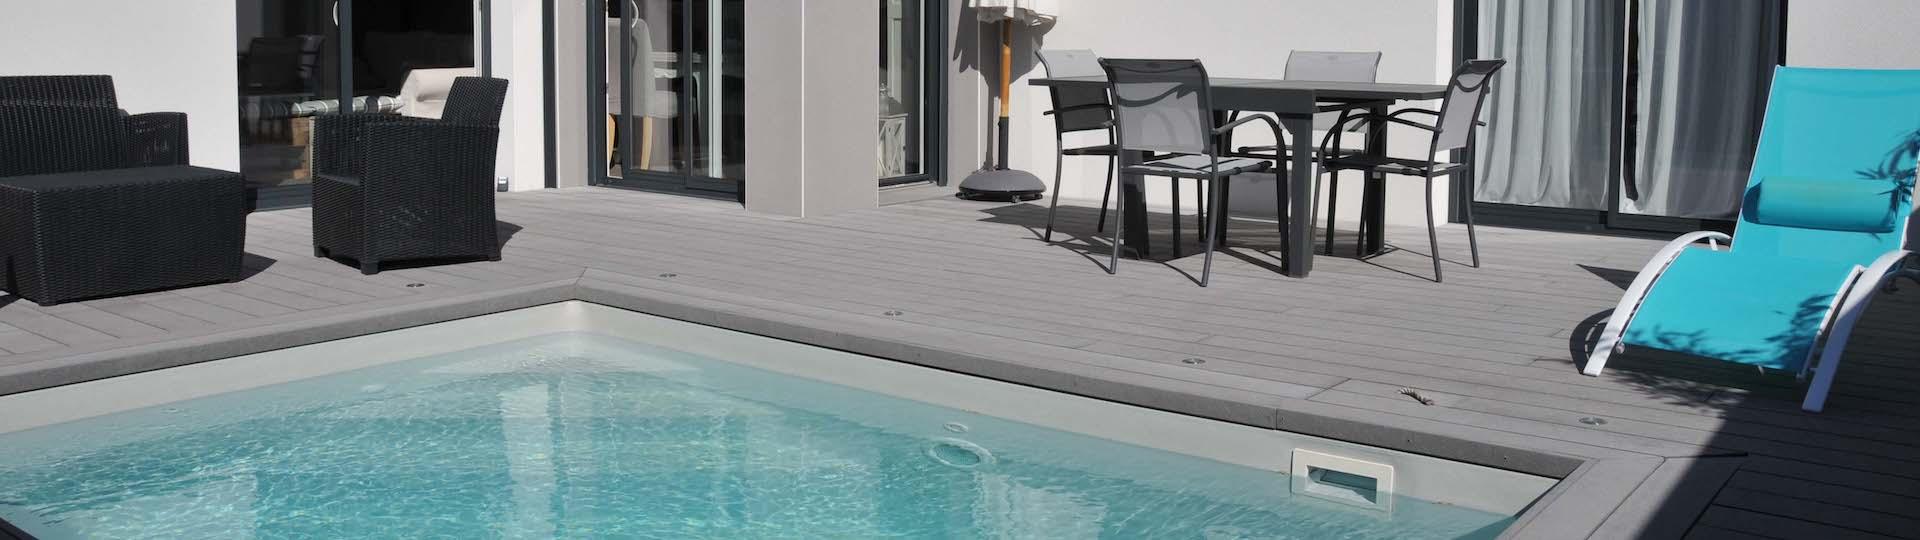 Piscines VINET, constructeur de piscines près de Nantes